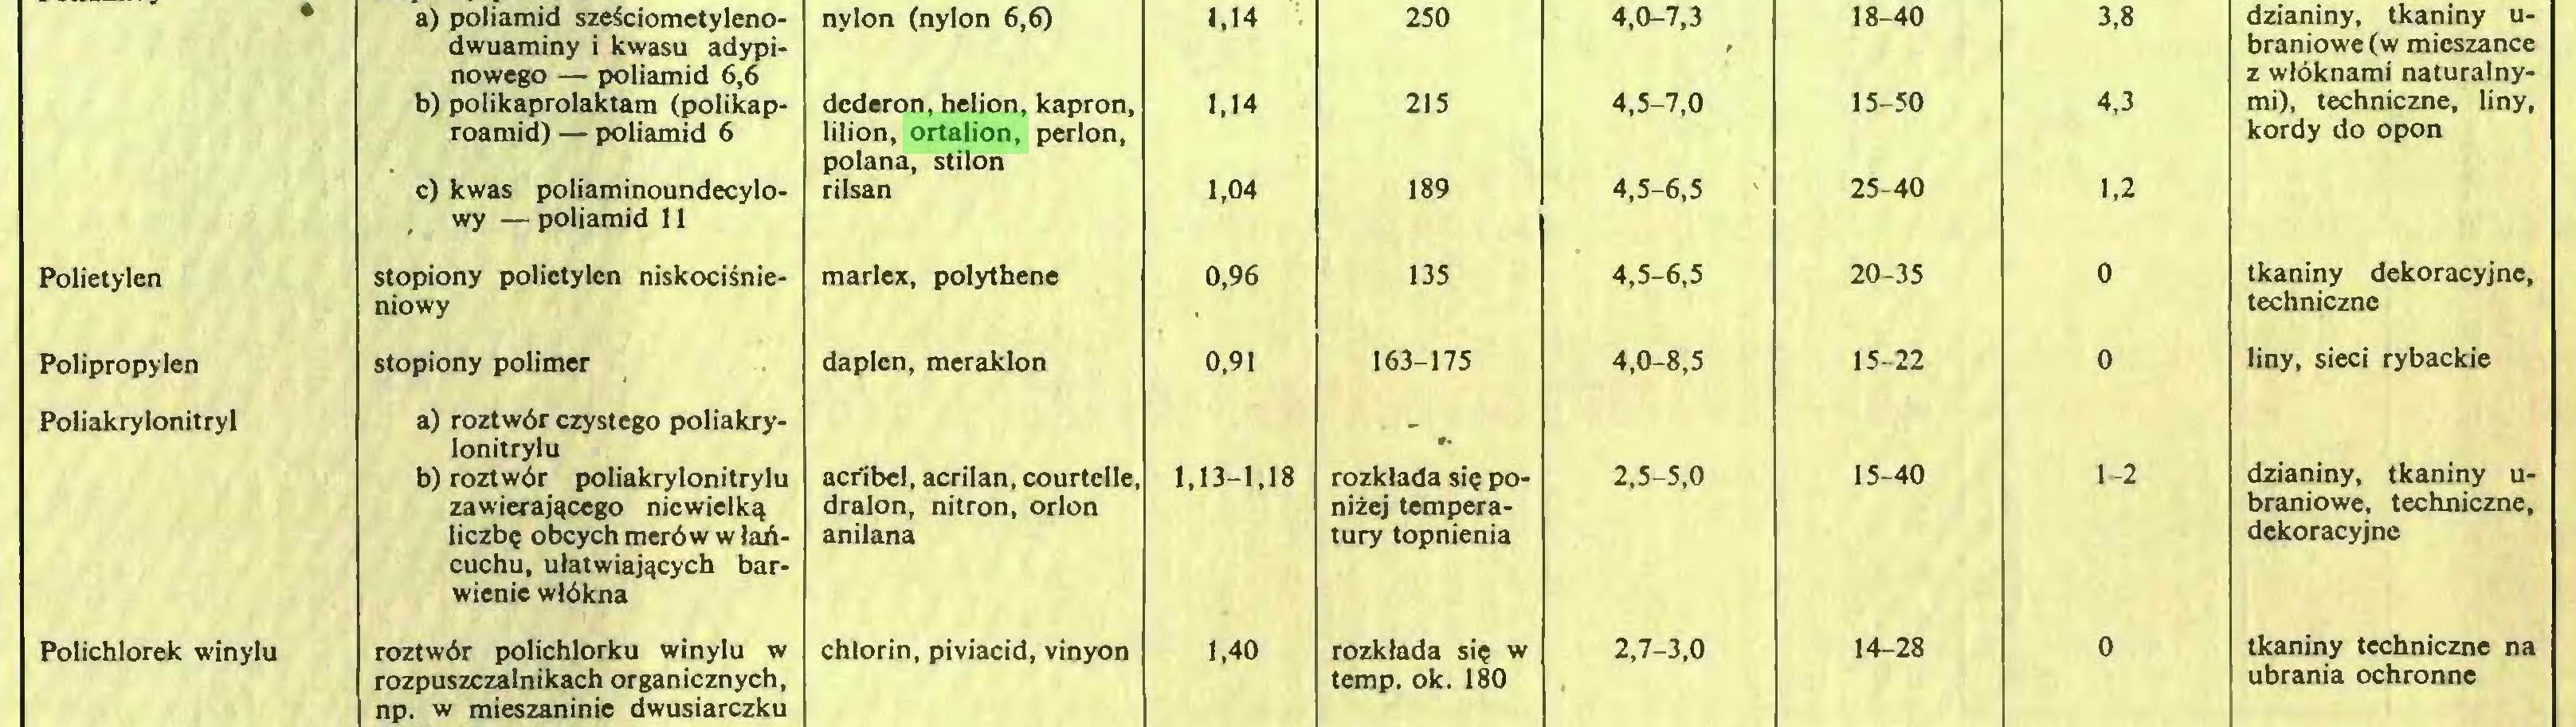 (...) a) poliamid szeSciometyleno- nylon (nylon 6,6) 1.14 250 4,0-7,3 18-40 3,8 dwuaminy i kwasu adypi- f braniowe (w mieszance nowego — poliamid 6,6 z wlöknami naturalnyb) polikaprolaktam (polikap- dcderon, helion, kapron, 1,14 215 4,5-7,0 15-50 4,3 mi), techniczne, liny, roamid) — poliamid 6 lilion, ortalion, perlon, polana, stilon kordy do opon c) kwas poliaminoundecylo- rilsan 1,04 189 4,5-6,5 ' 25-40 1,2 , wy —poliamid 11 Polietylen stopiony polietylen niskocisnie- marlex, polythene 0,96 135 4,5-6,5 20-35 0 tkaniny dekoracyjne, niowy techniczne Polipropylen stopiony polimer daplen, meraklon 0,91 163-175 4,0-8,5 15-22 0 liny, sieci rybackie Poliakrylonitryl a) roztwör czystego poliakrylonitrylu dzianiny, tkaniny ub) roztwör poliakrylonitrylu acribcl, acrilan, courtelle, 1,13-1,18 rozklada sic po- 2,5-5,0 15-40 1-2 zawierajqcego nicwielk^ dralon, nitron, orlon niiej tempera- braniowe, techniczne, liczbc obcych meröw w laiöcuchu, utatwiaj^cych barwienie wlökna anilana tury topnienia dekoracyjne Polichlorek winylu roztwör polichlorku winylu w chlorin, piviacid, vinyon 1,40 rozklada sic w 2,7-3,0 14-28 0 tkaniny techniczne na rozpuszczalnikach organicznych, np. w mieszaninie dwusiarczku temp. ok. 180 • ubrania ochronne...